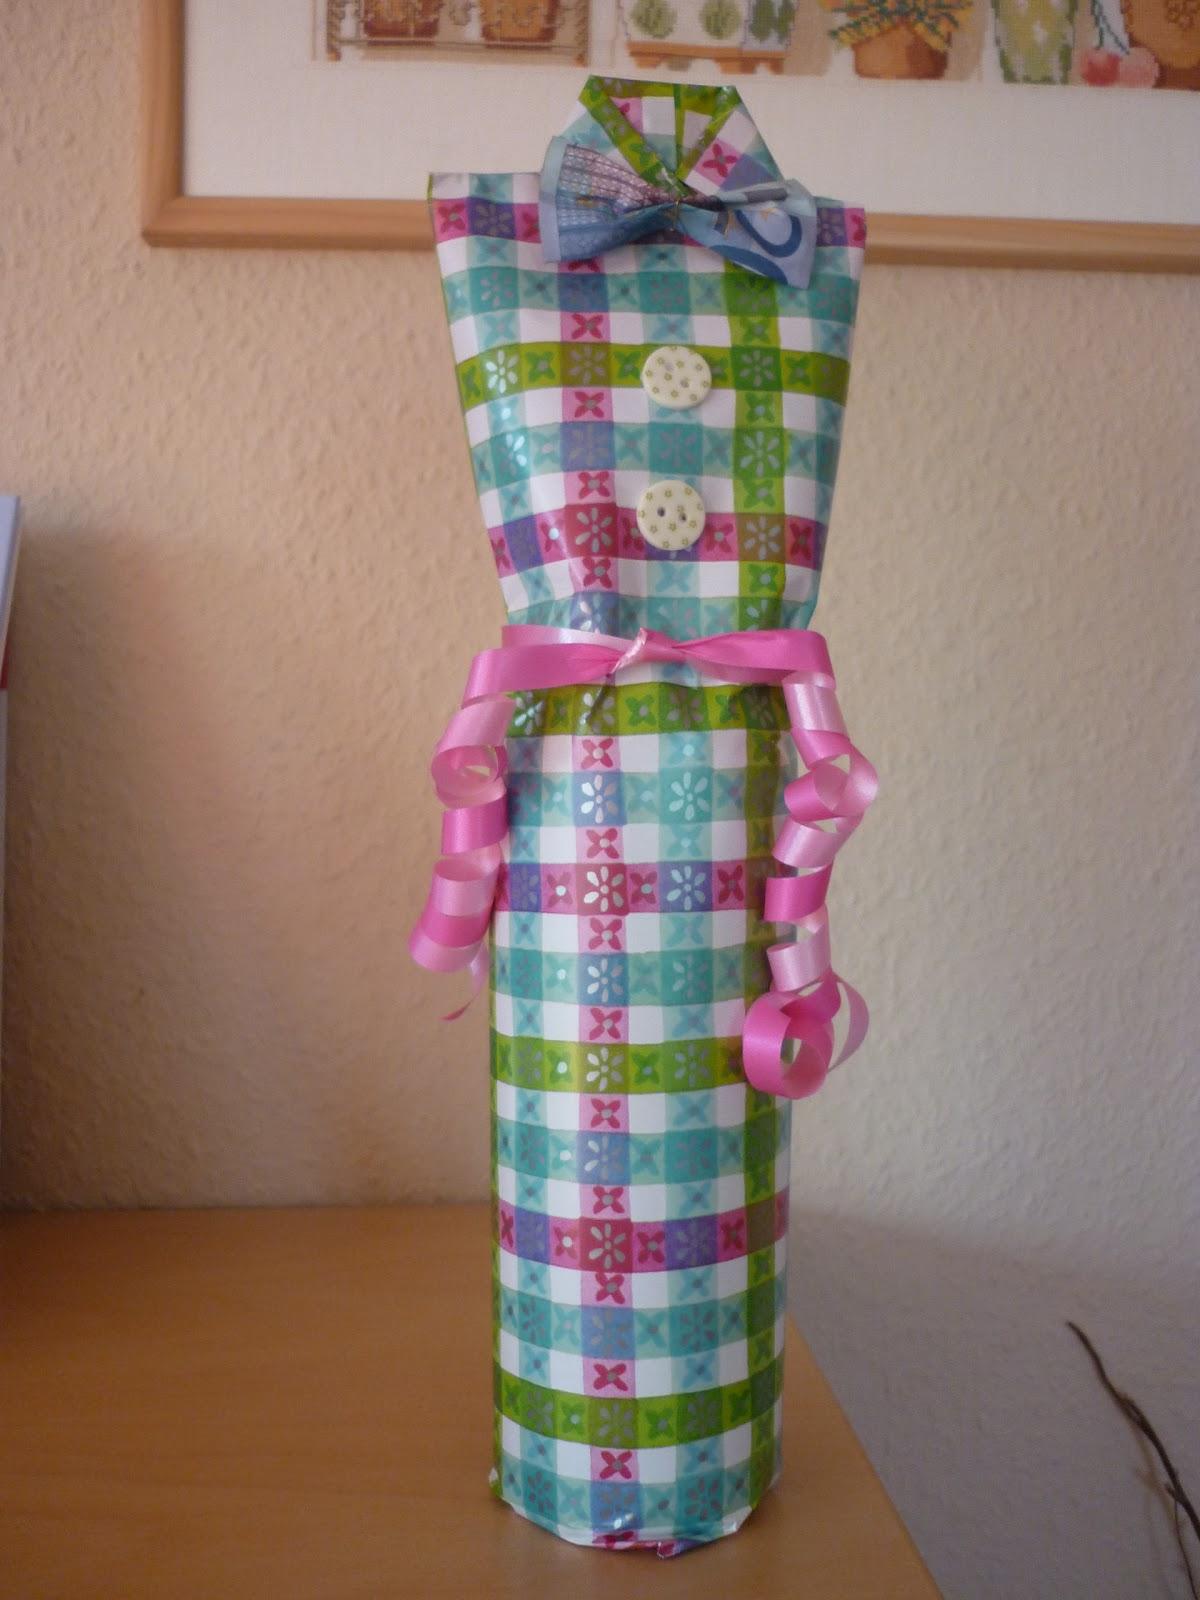 Weinflaschen Als Geschenk Verpacken